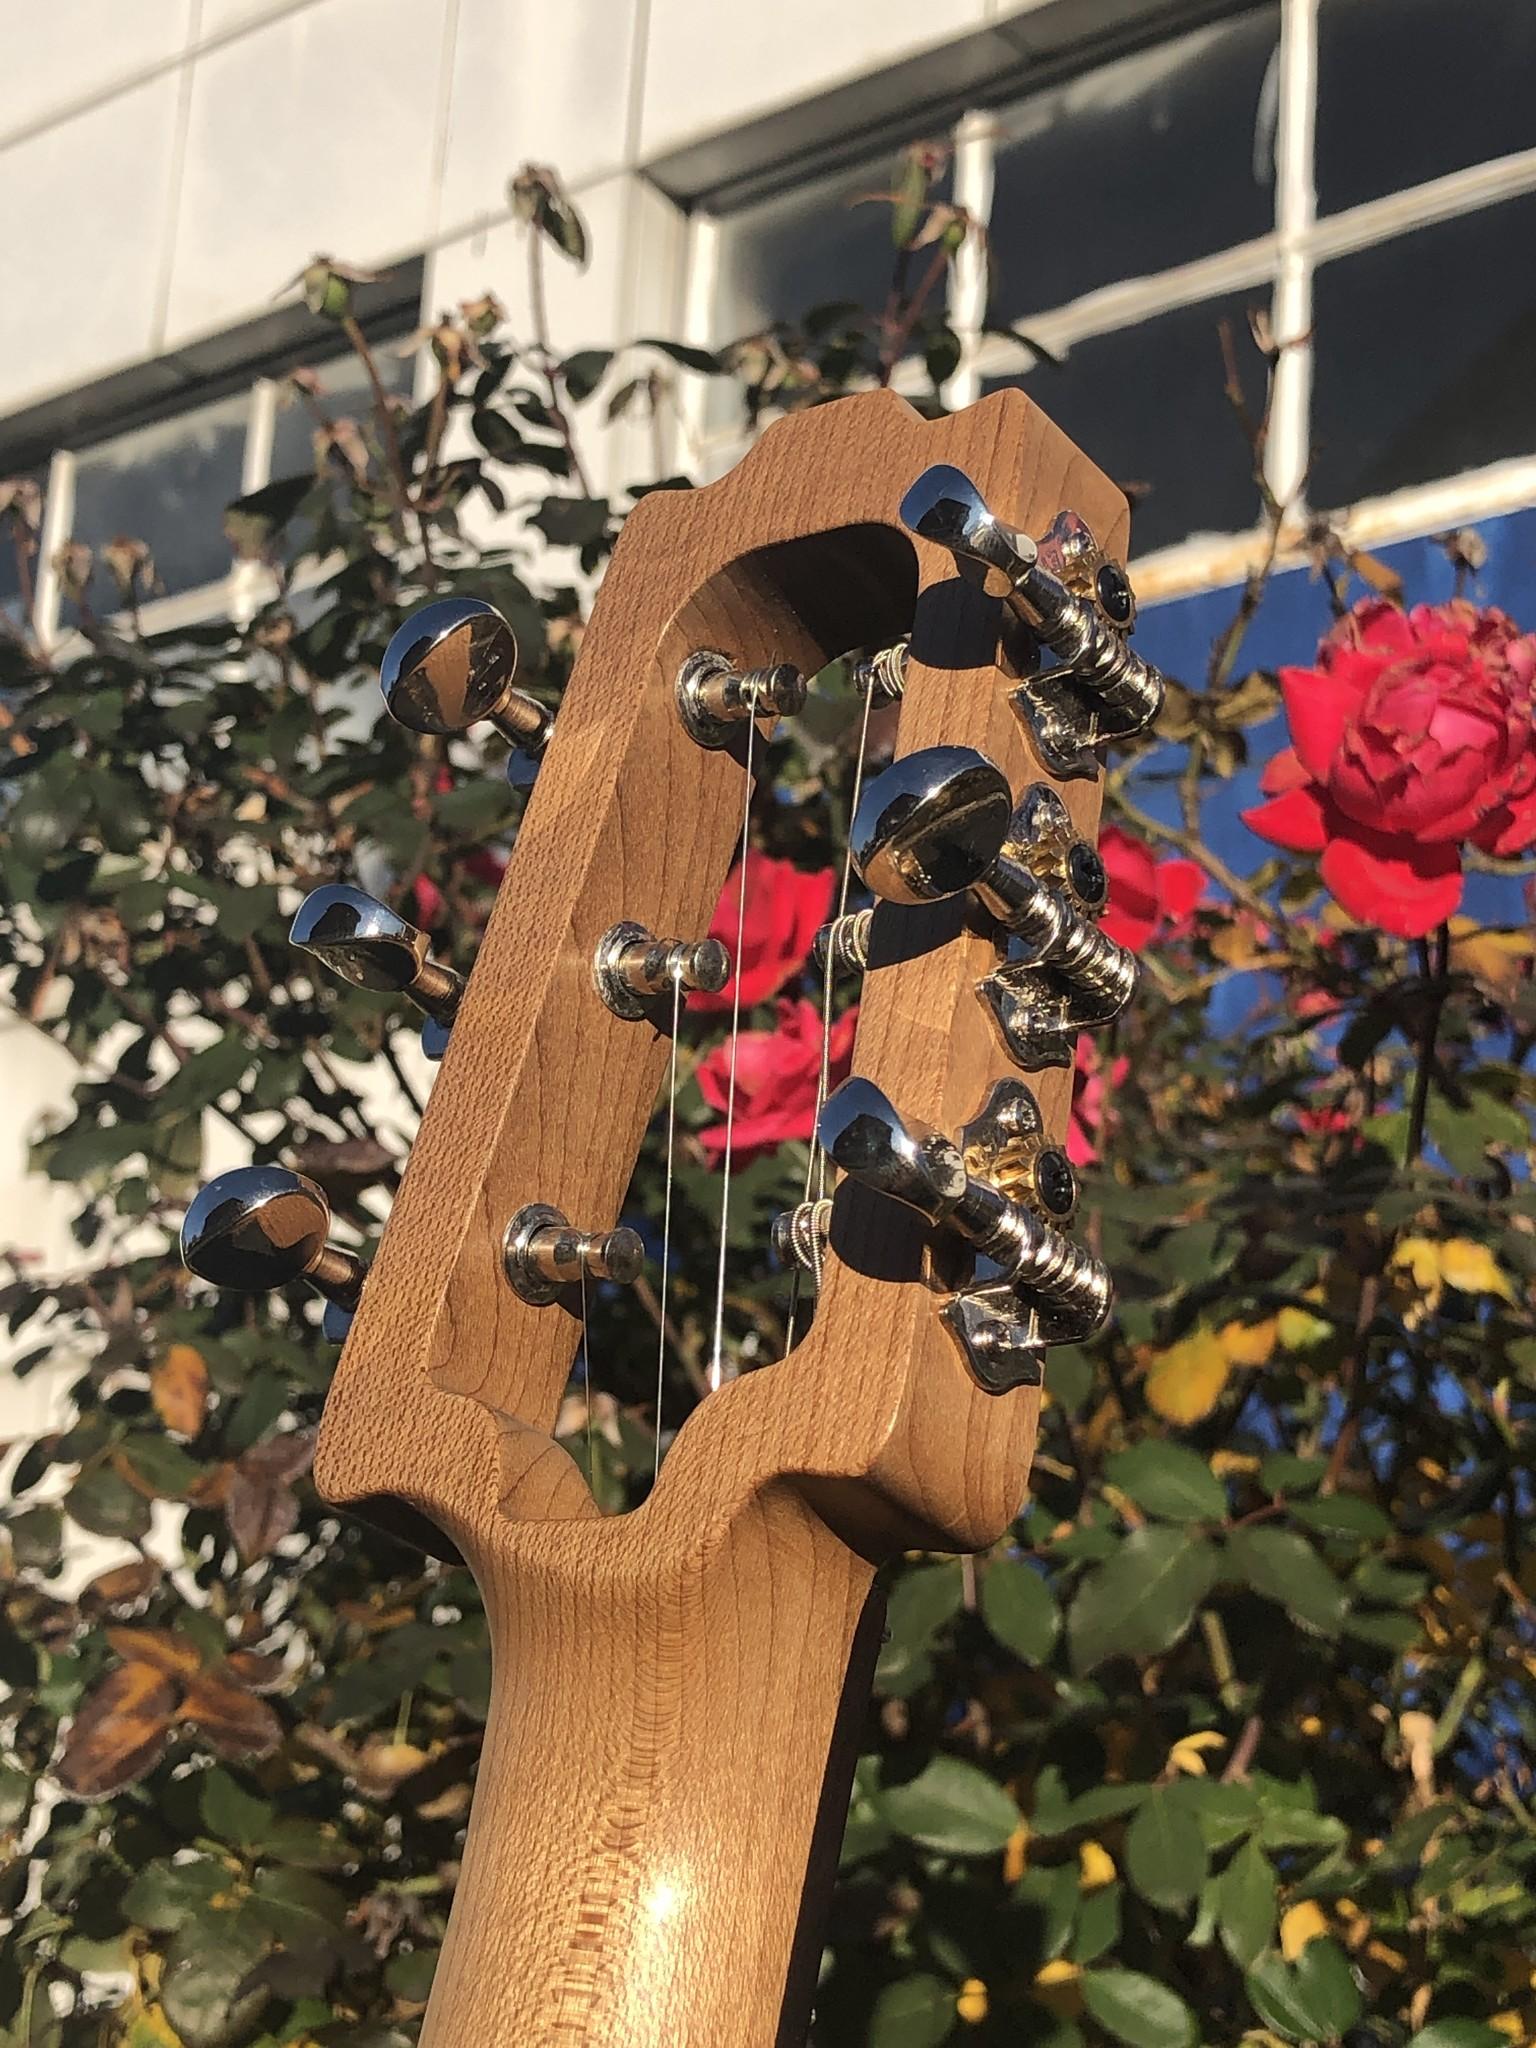 Hoosier Guitars Telegraph Prototype #1-5